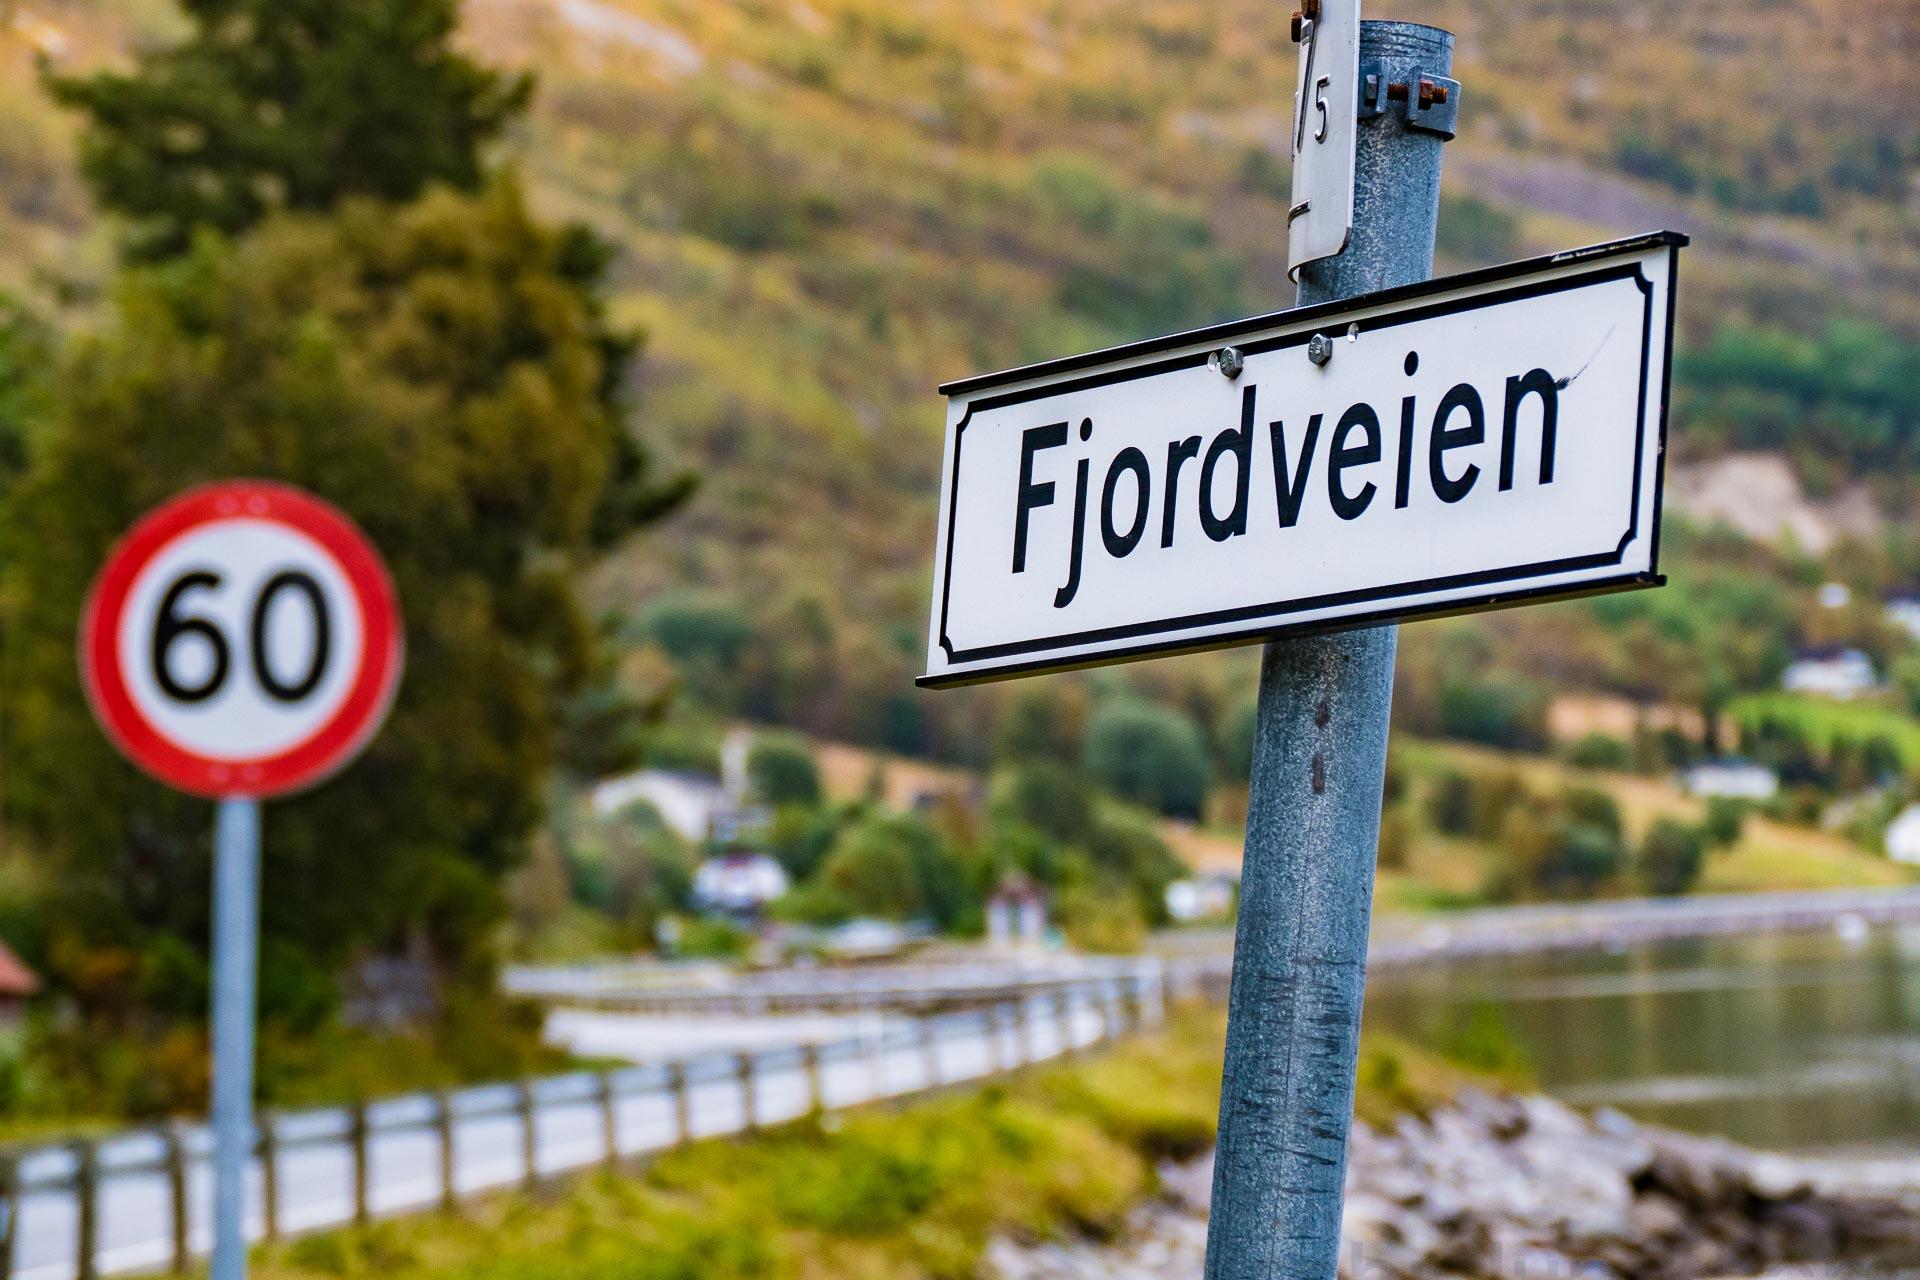 Beisfjord er et tettsted som ligger 15 km sør for kommunesenteret Narvik, innerst i Beisfjorden. Skilting som viser 60-sone i Beisfjord.